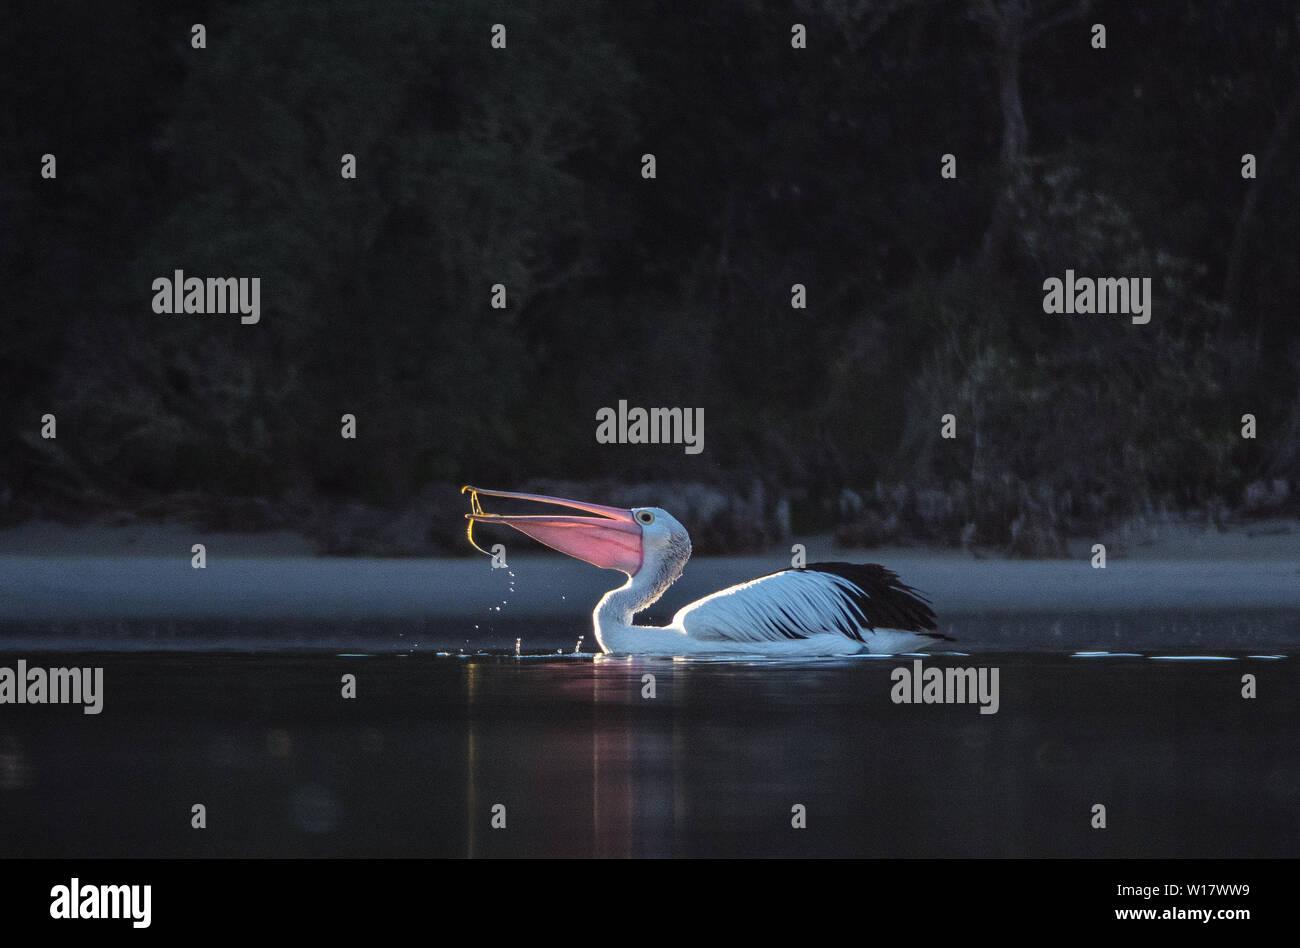 Pelican scenes. - Stock Image